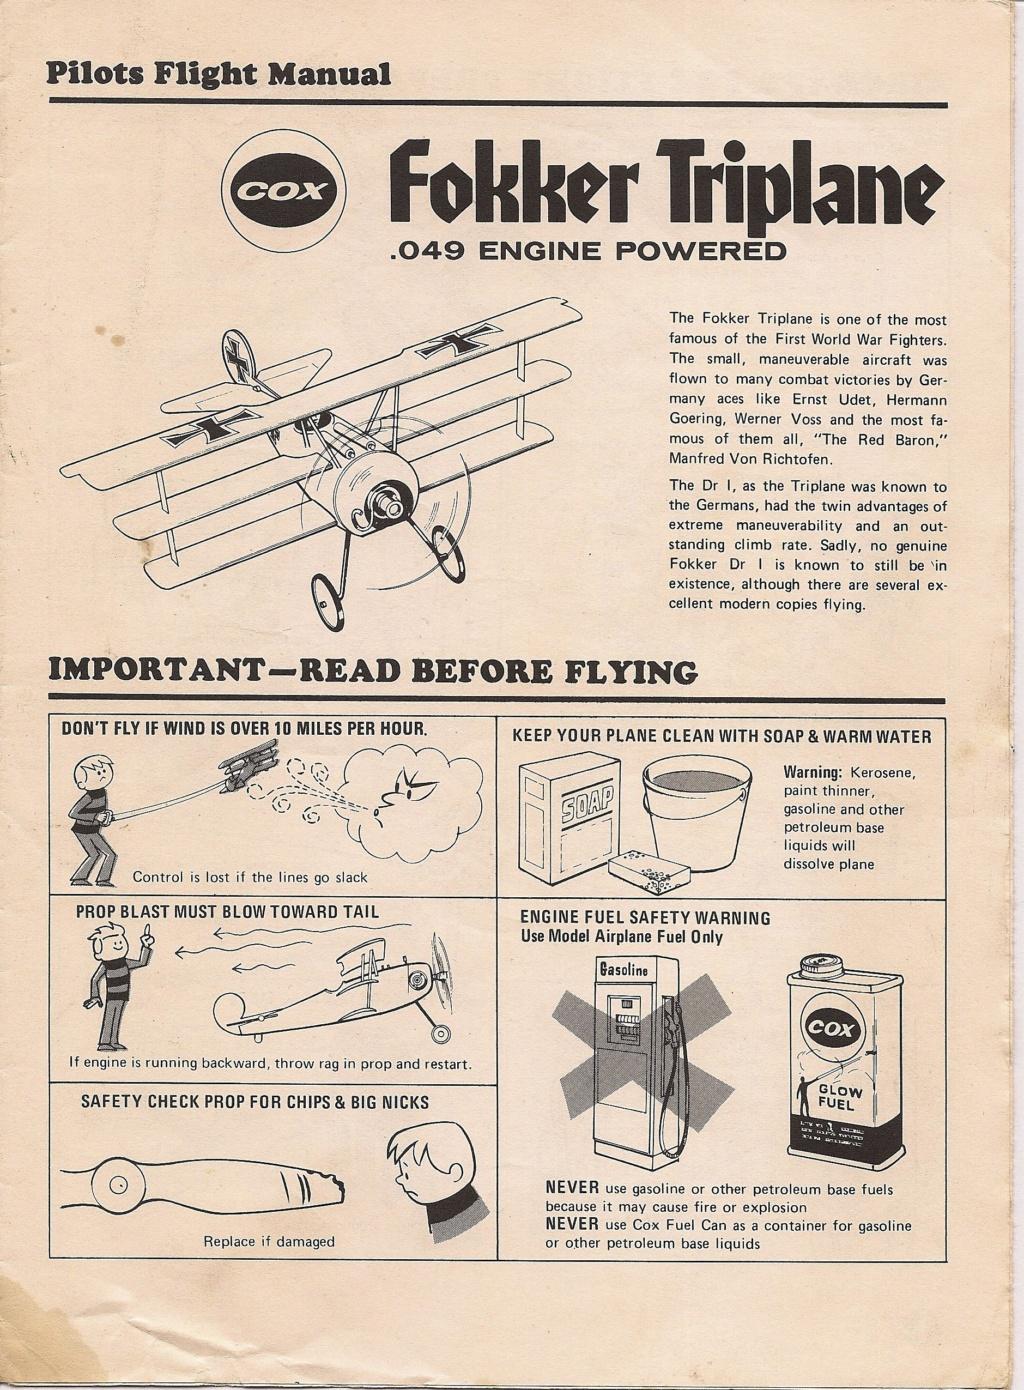 Fokker Triplane Flight Manual Fokker10